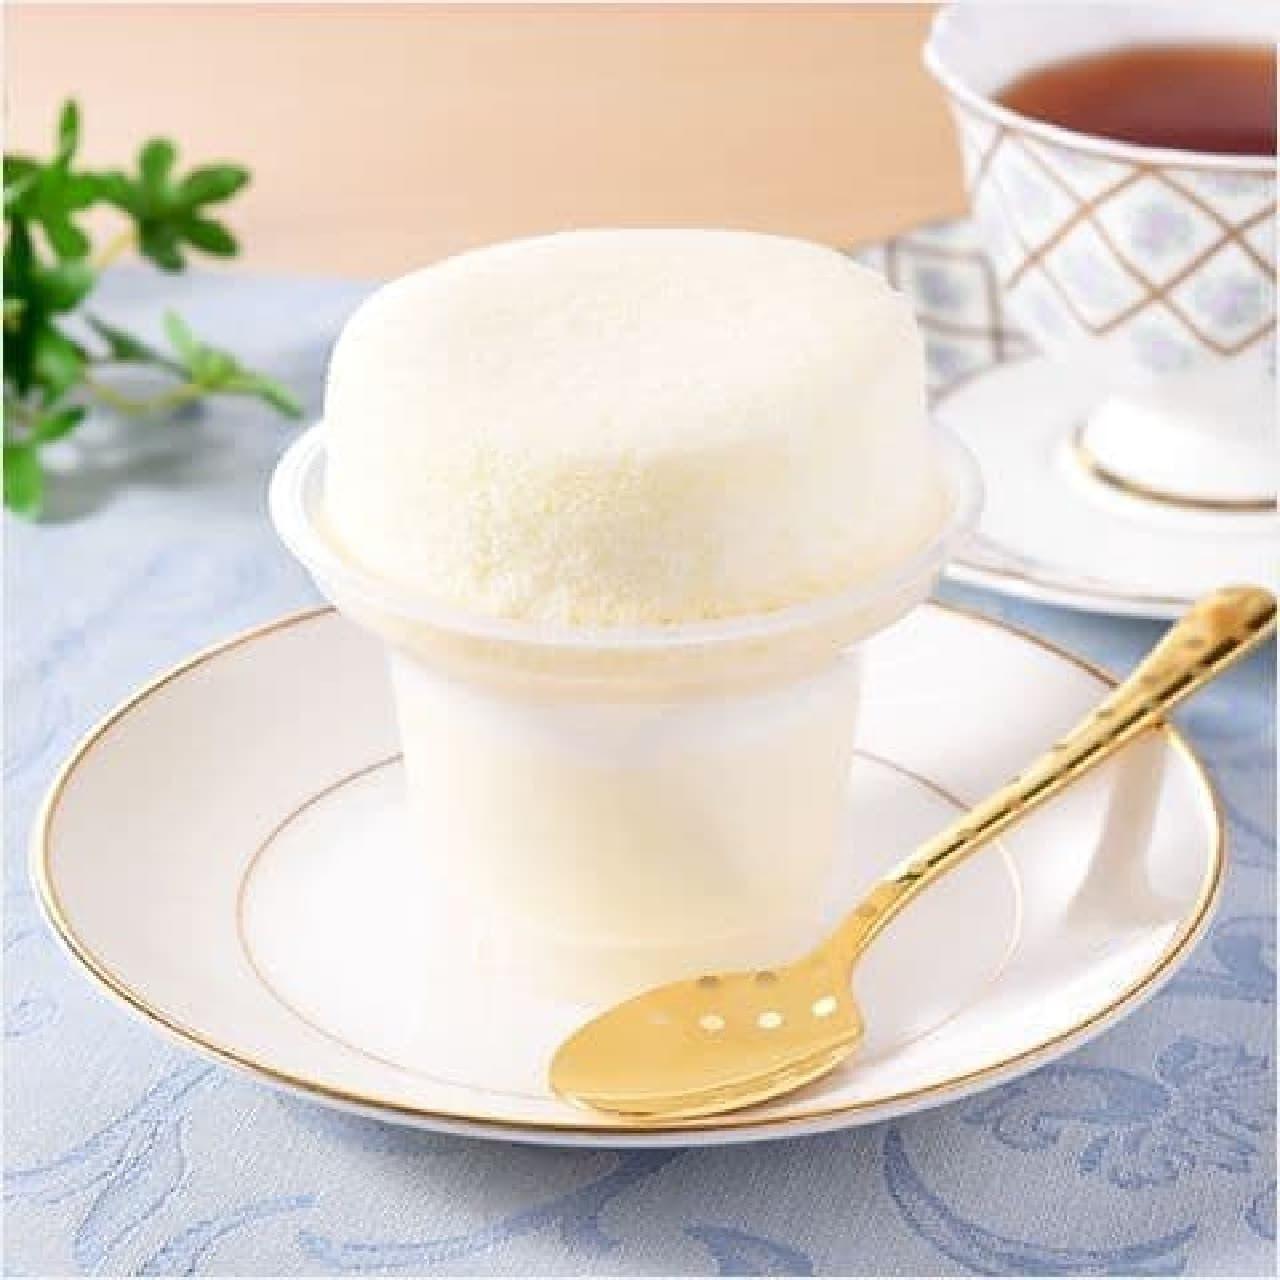 ファミリーマート「まっ白ミルクのスフレ・プリン」